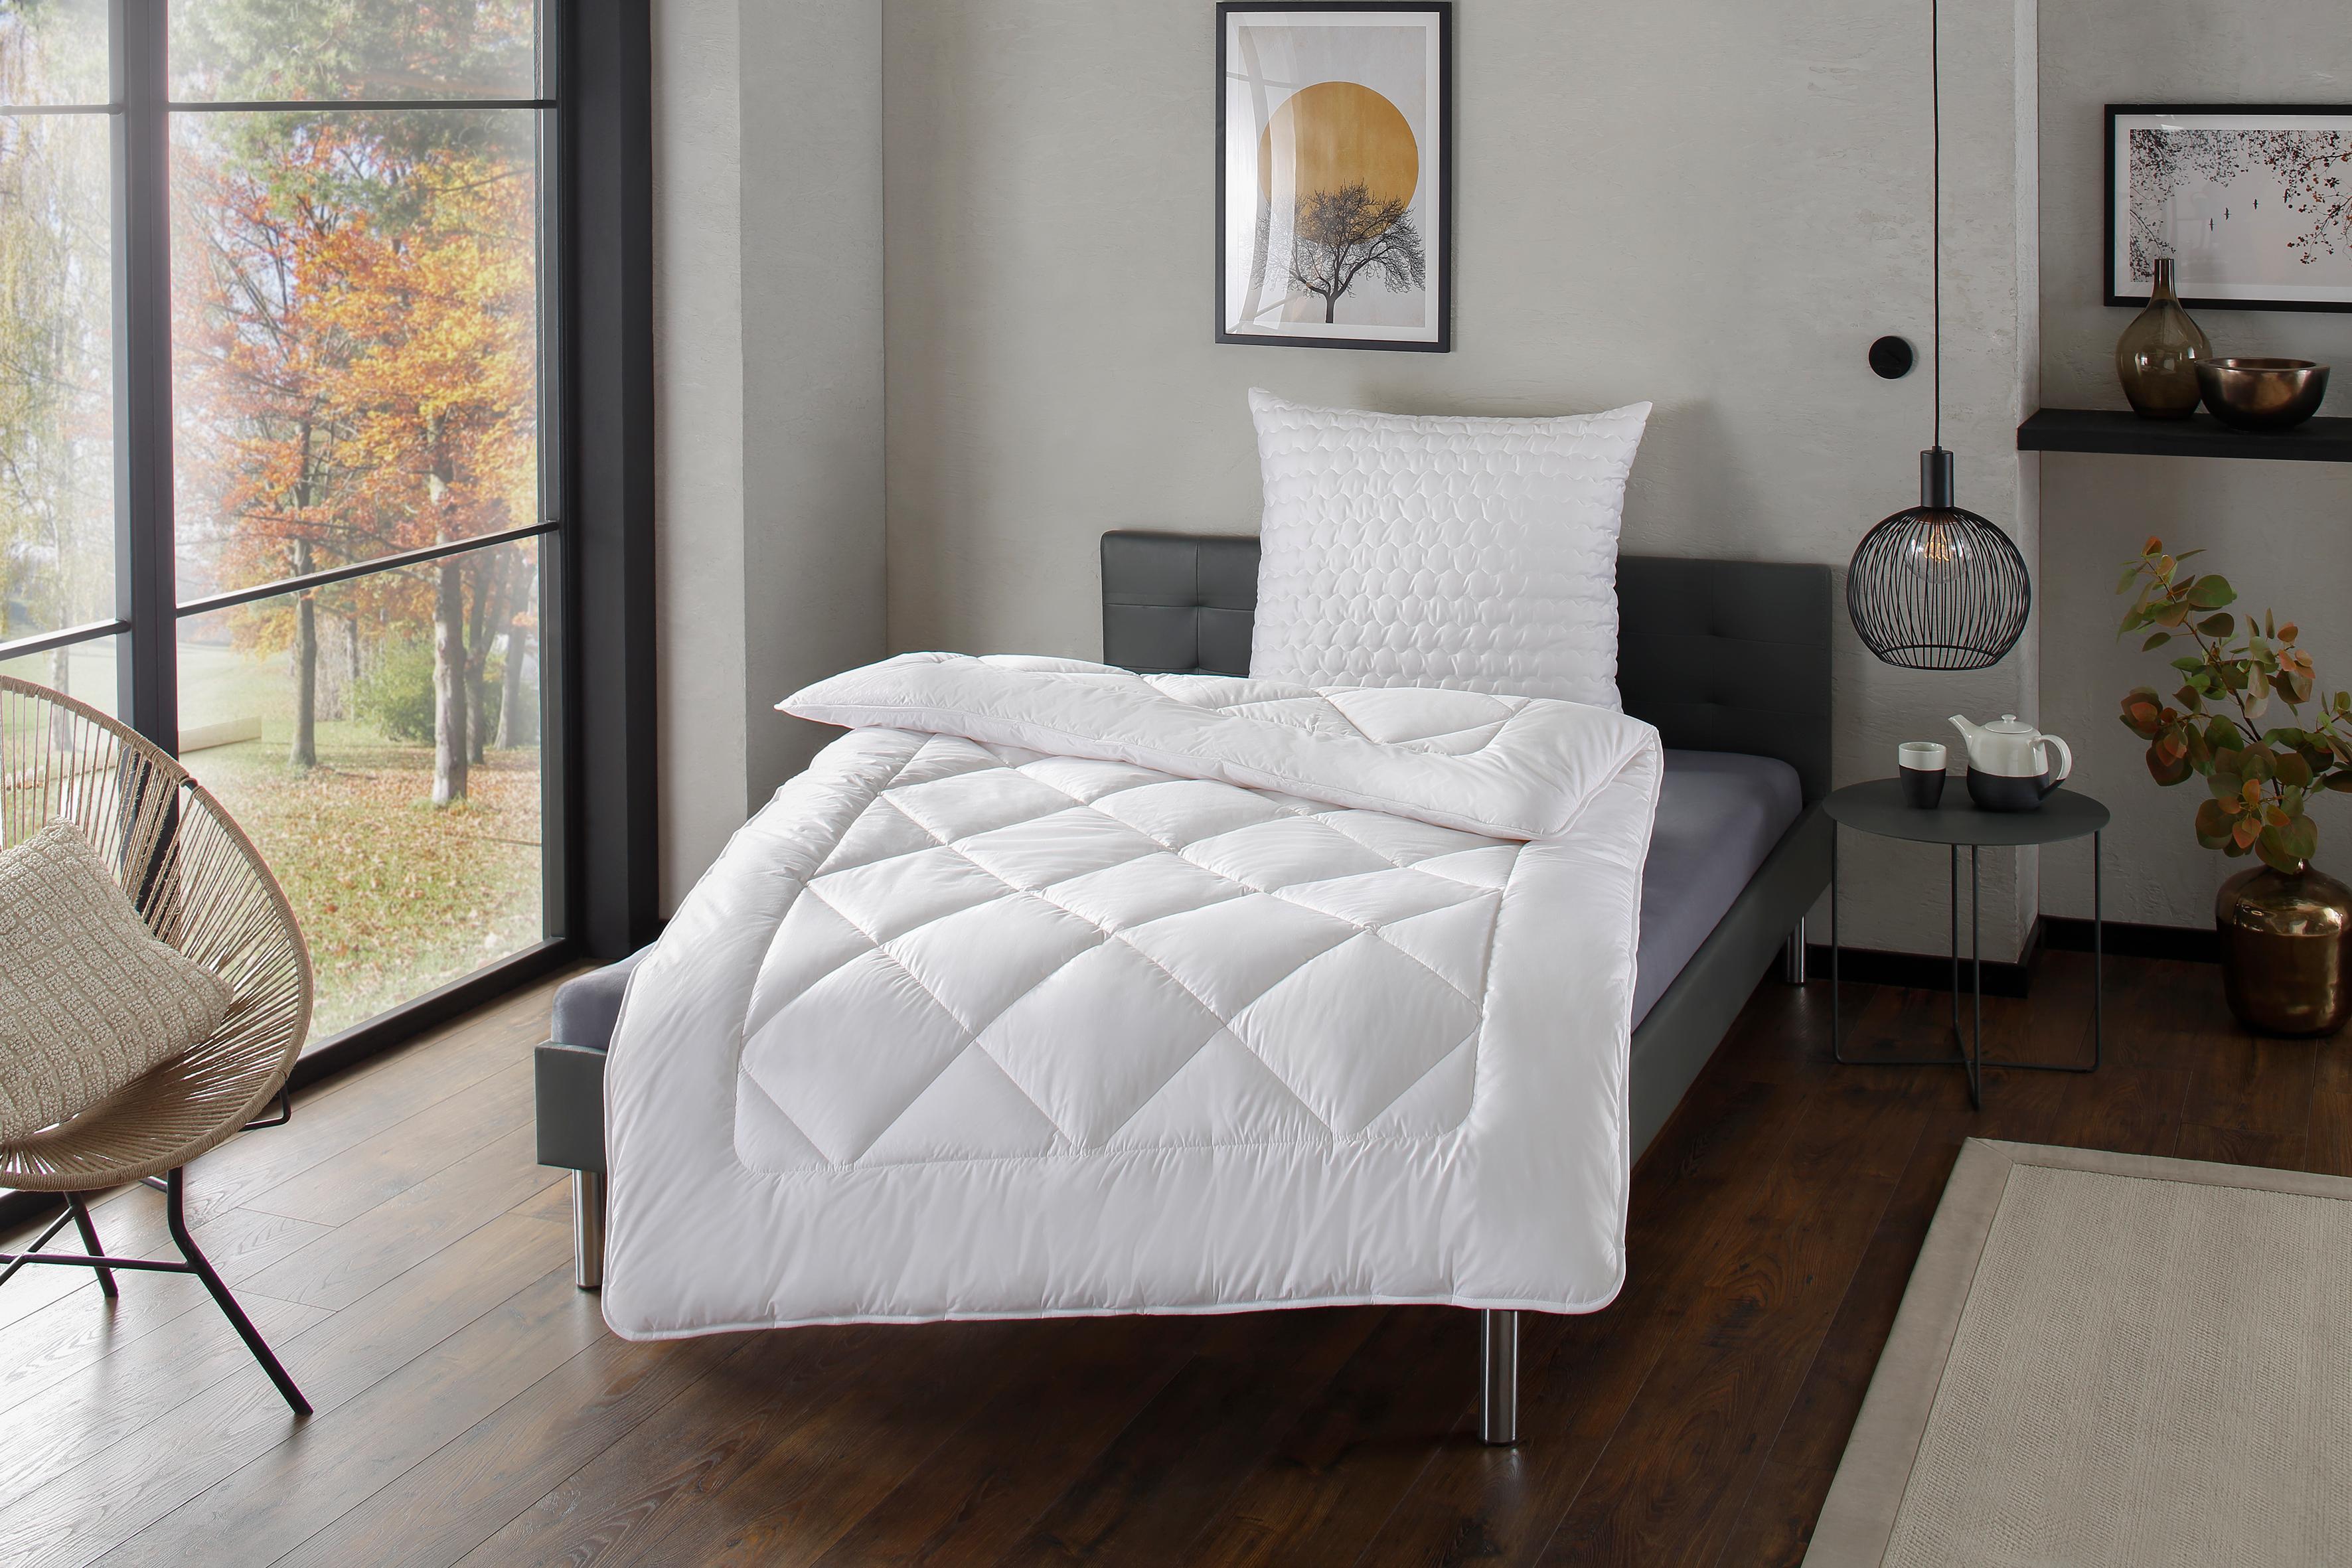 Irisette Sale Bettdecken Online Kaufen Möbel Suchmaschine